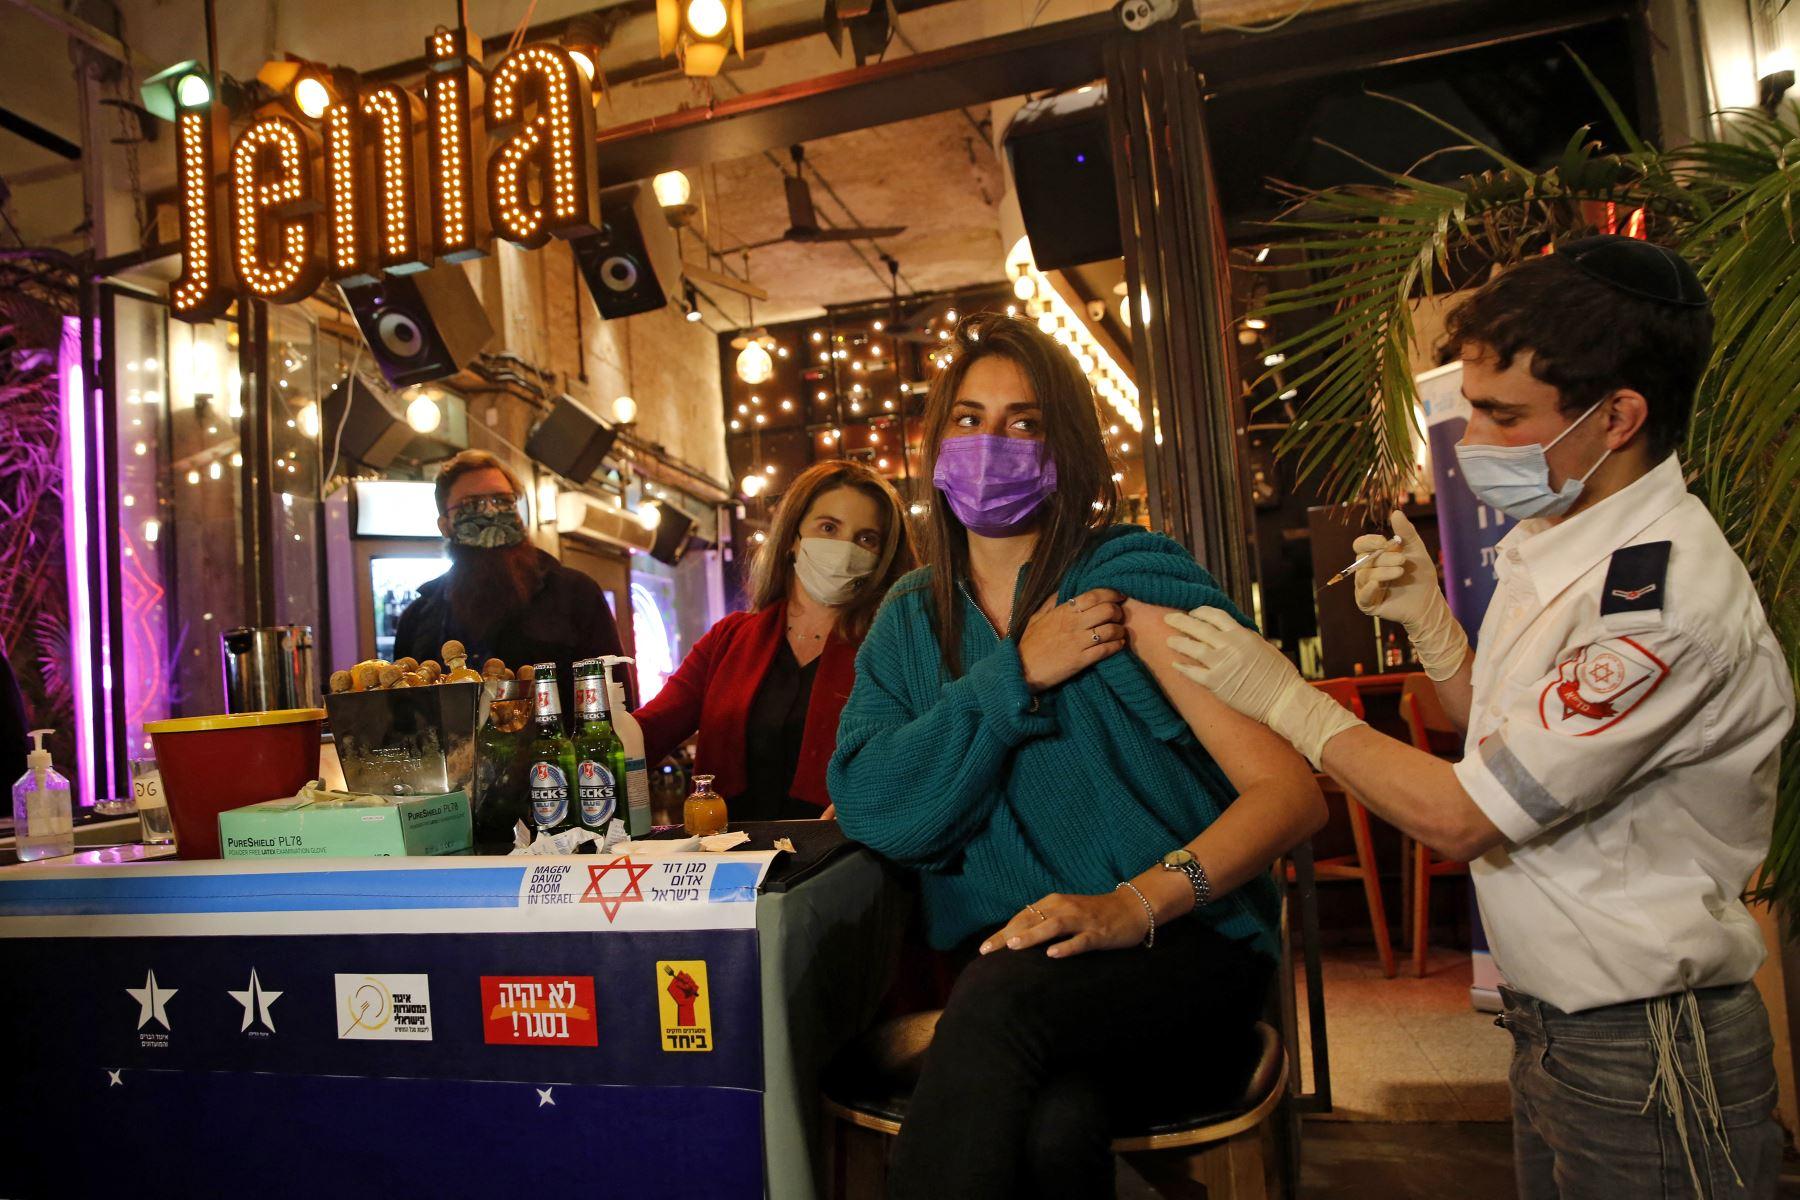 Un trabajador de salud administra la vacuna COVID-19 a un israelí en un bar en la ciudad costera de Tel Aviv, en Israel. Foto: AFP